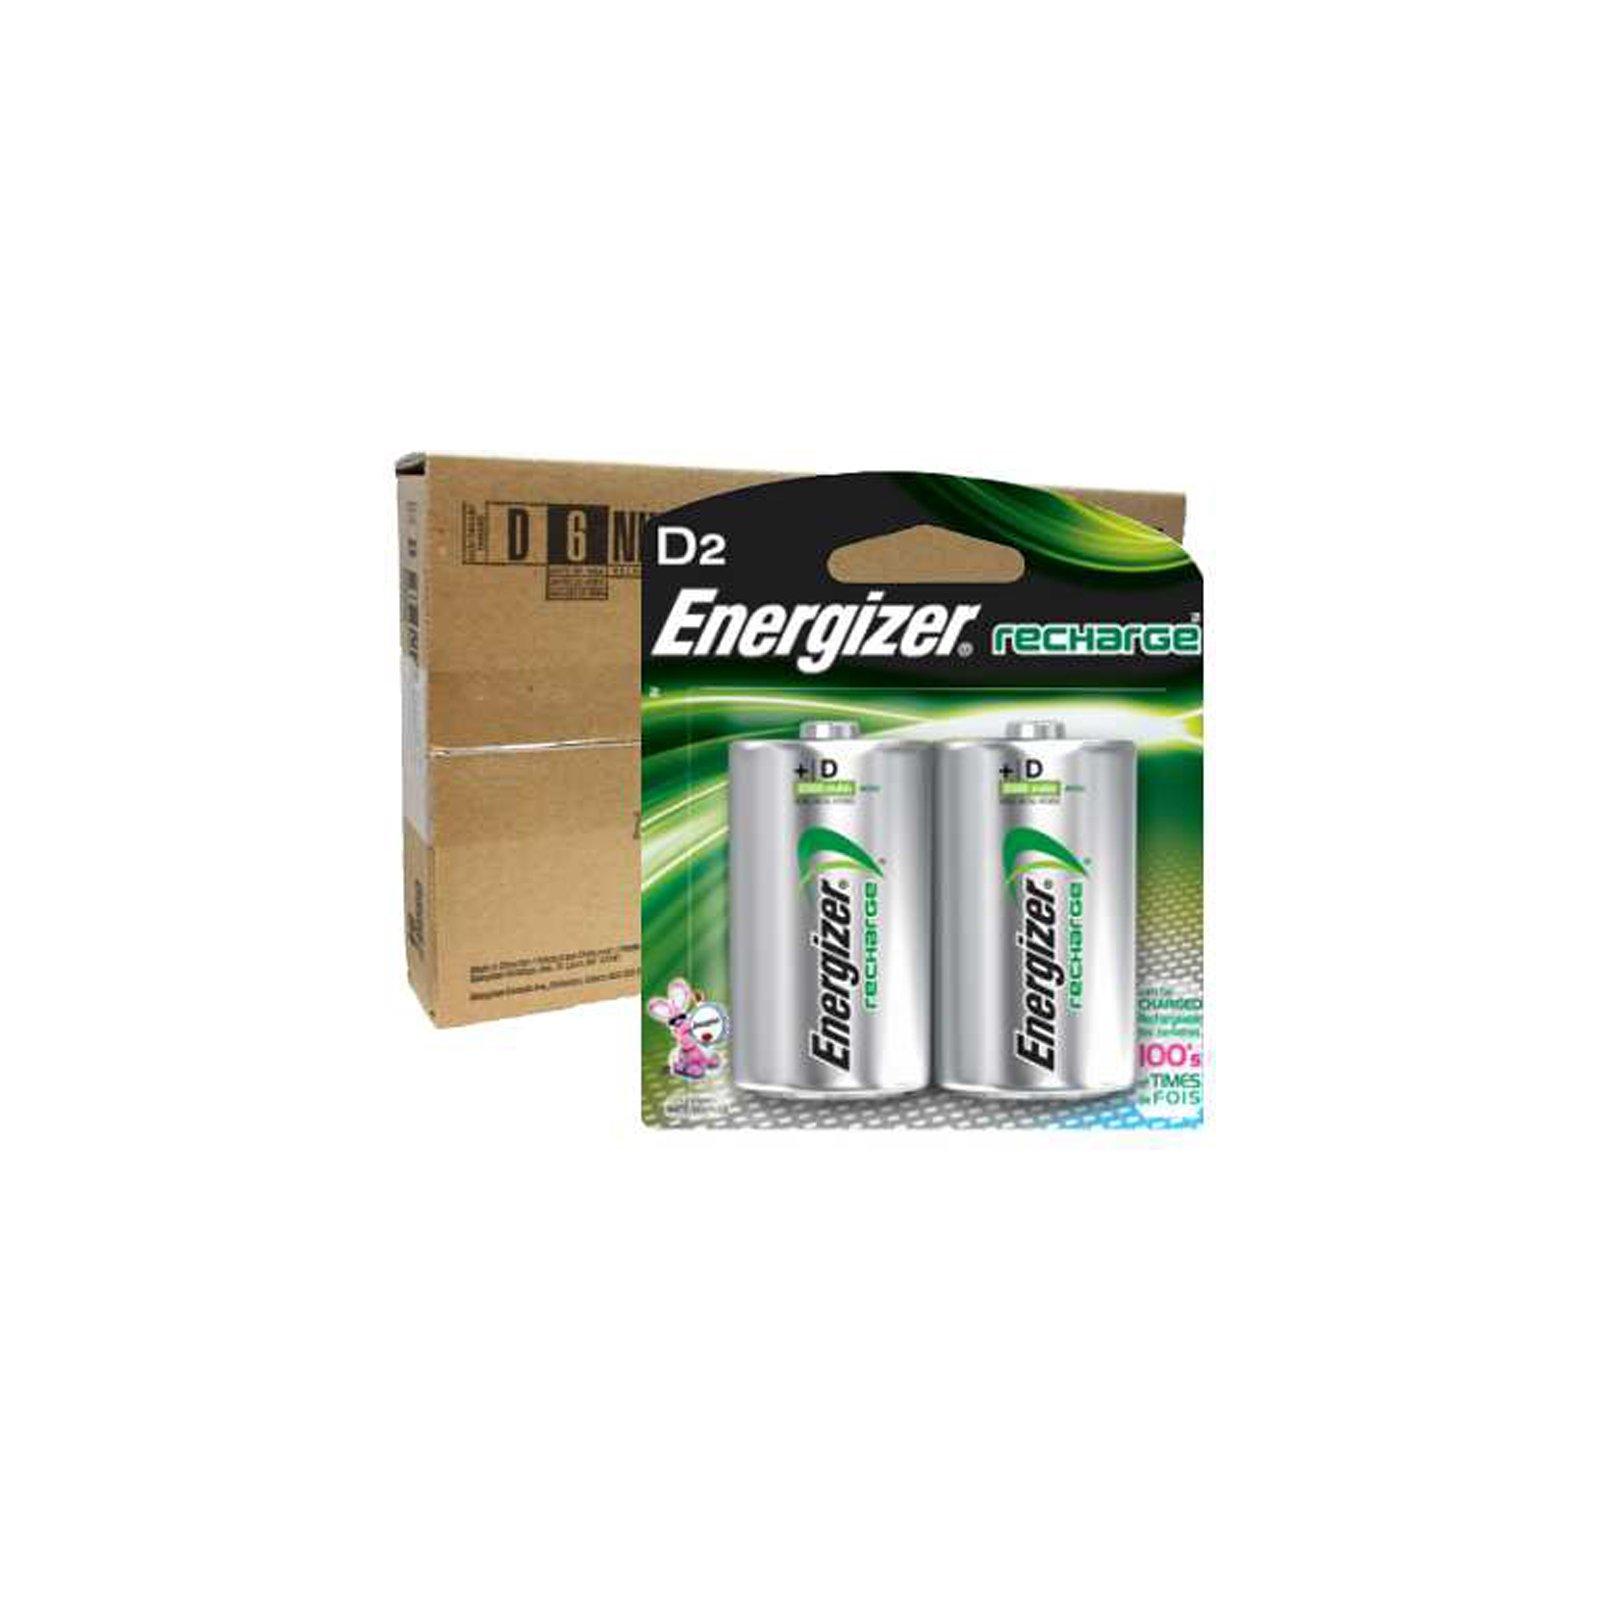 Energizer Recharge D Size Rechargeable Batteries NiMH 1.2V 12pk